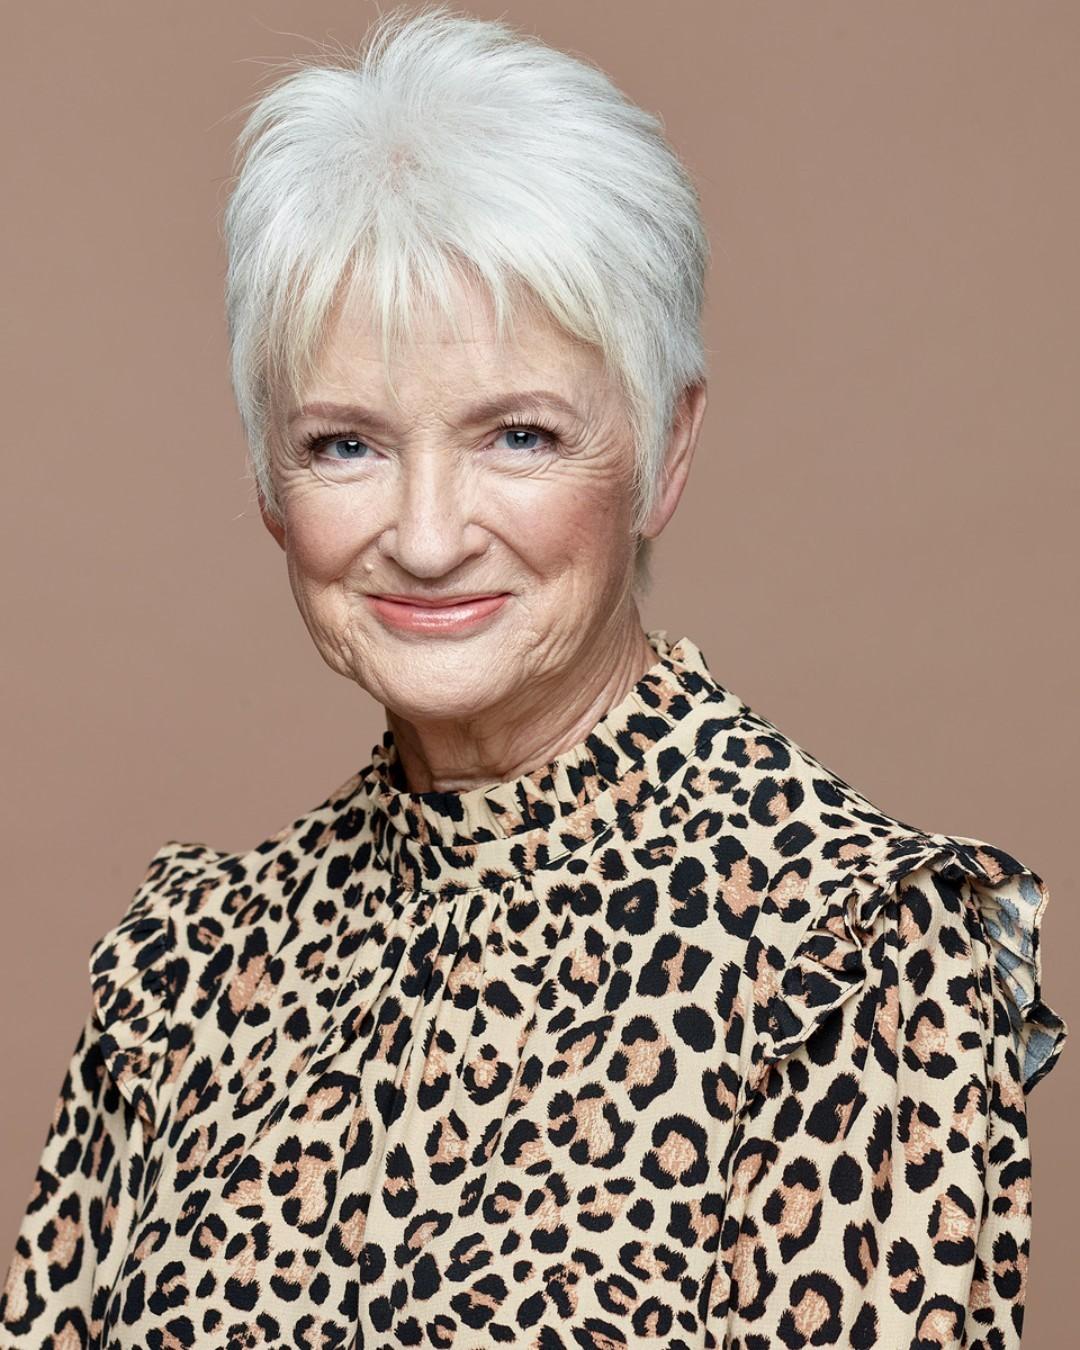 Coupe courte pixie blanche pour les femmes de plus de soixante-dix ans.